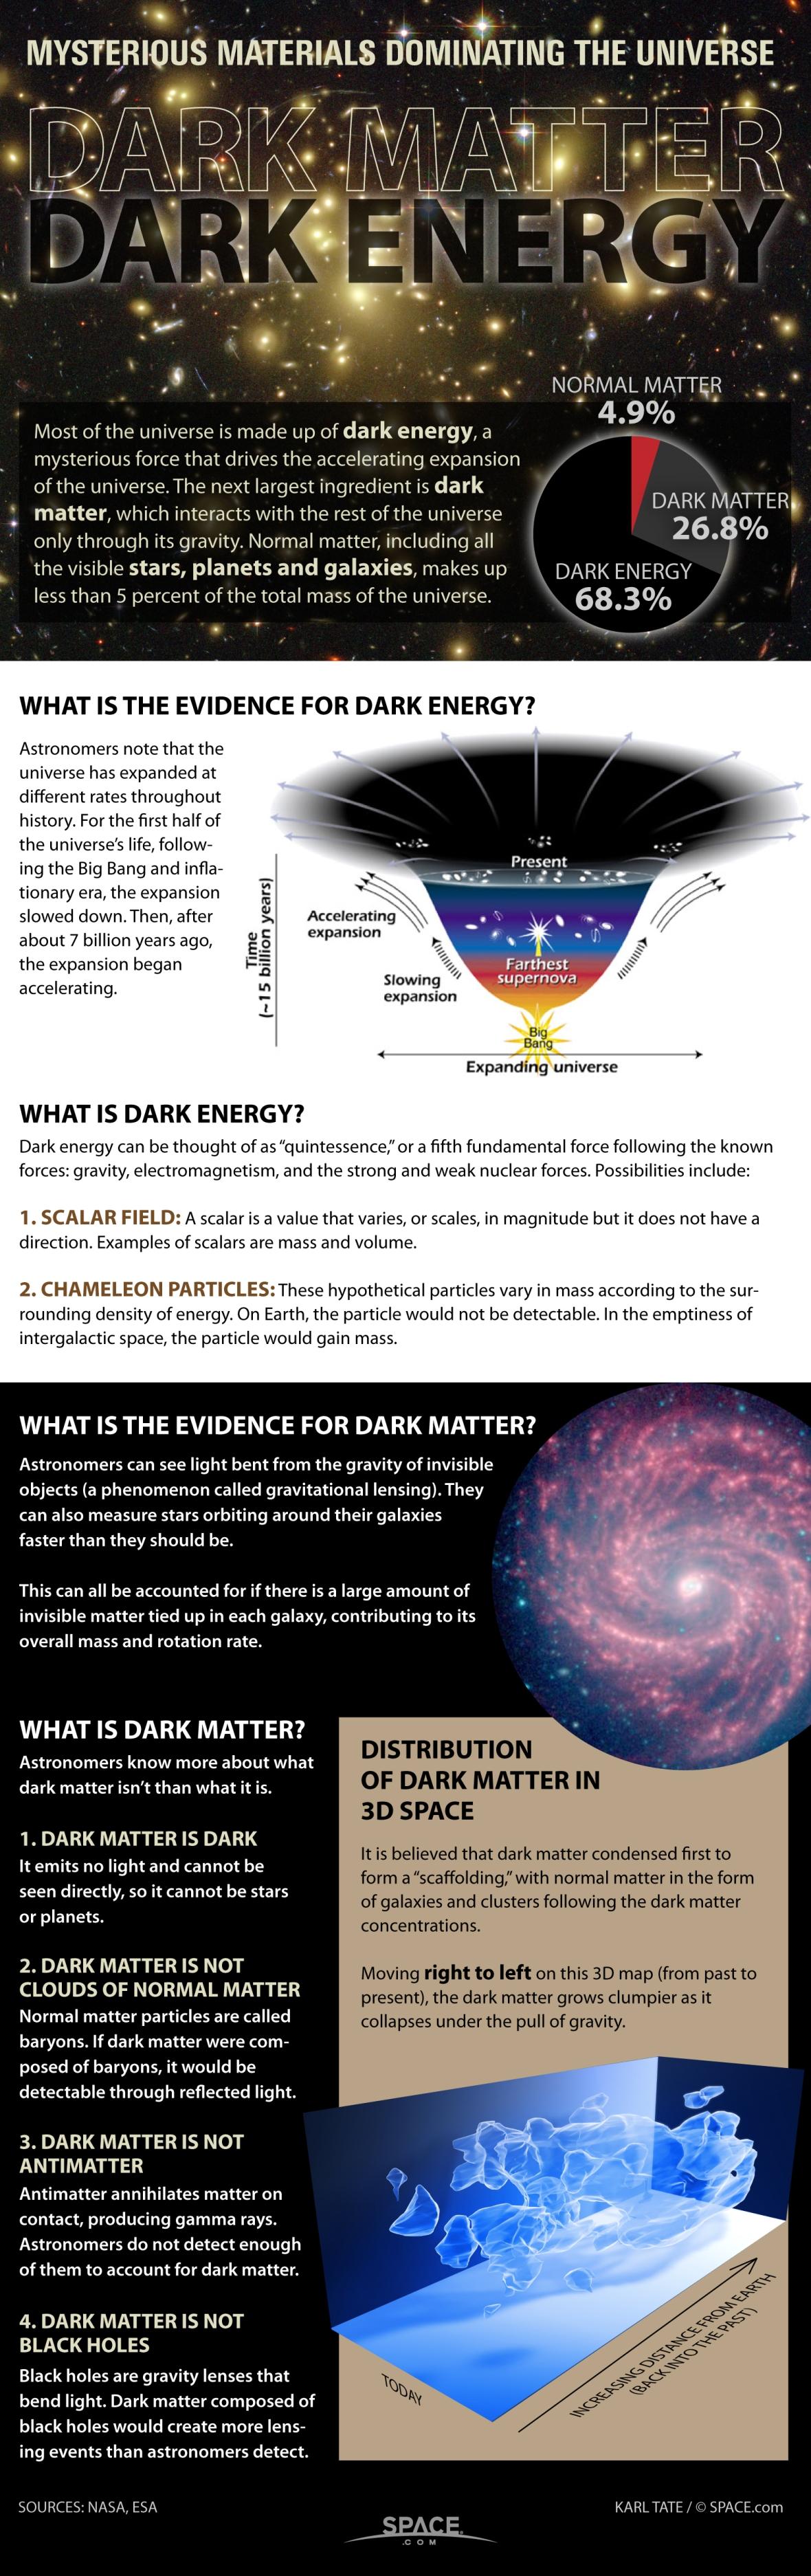 dark-matter-what-is-it-150820b-02